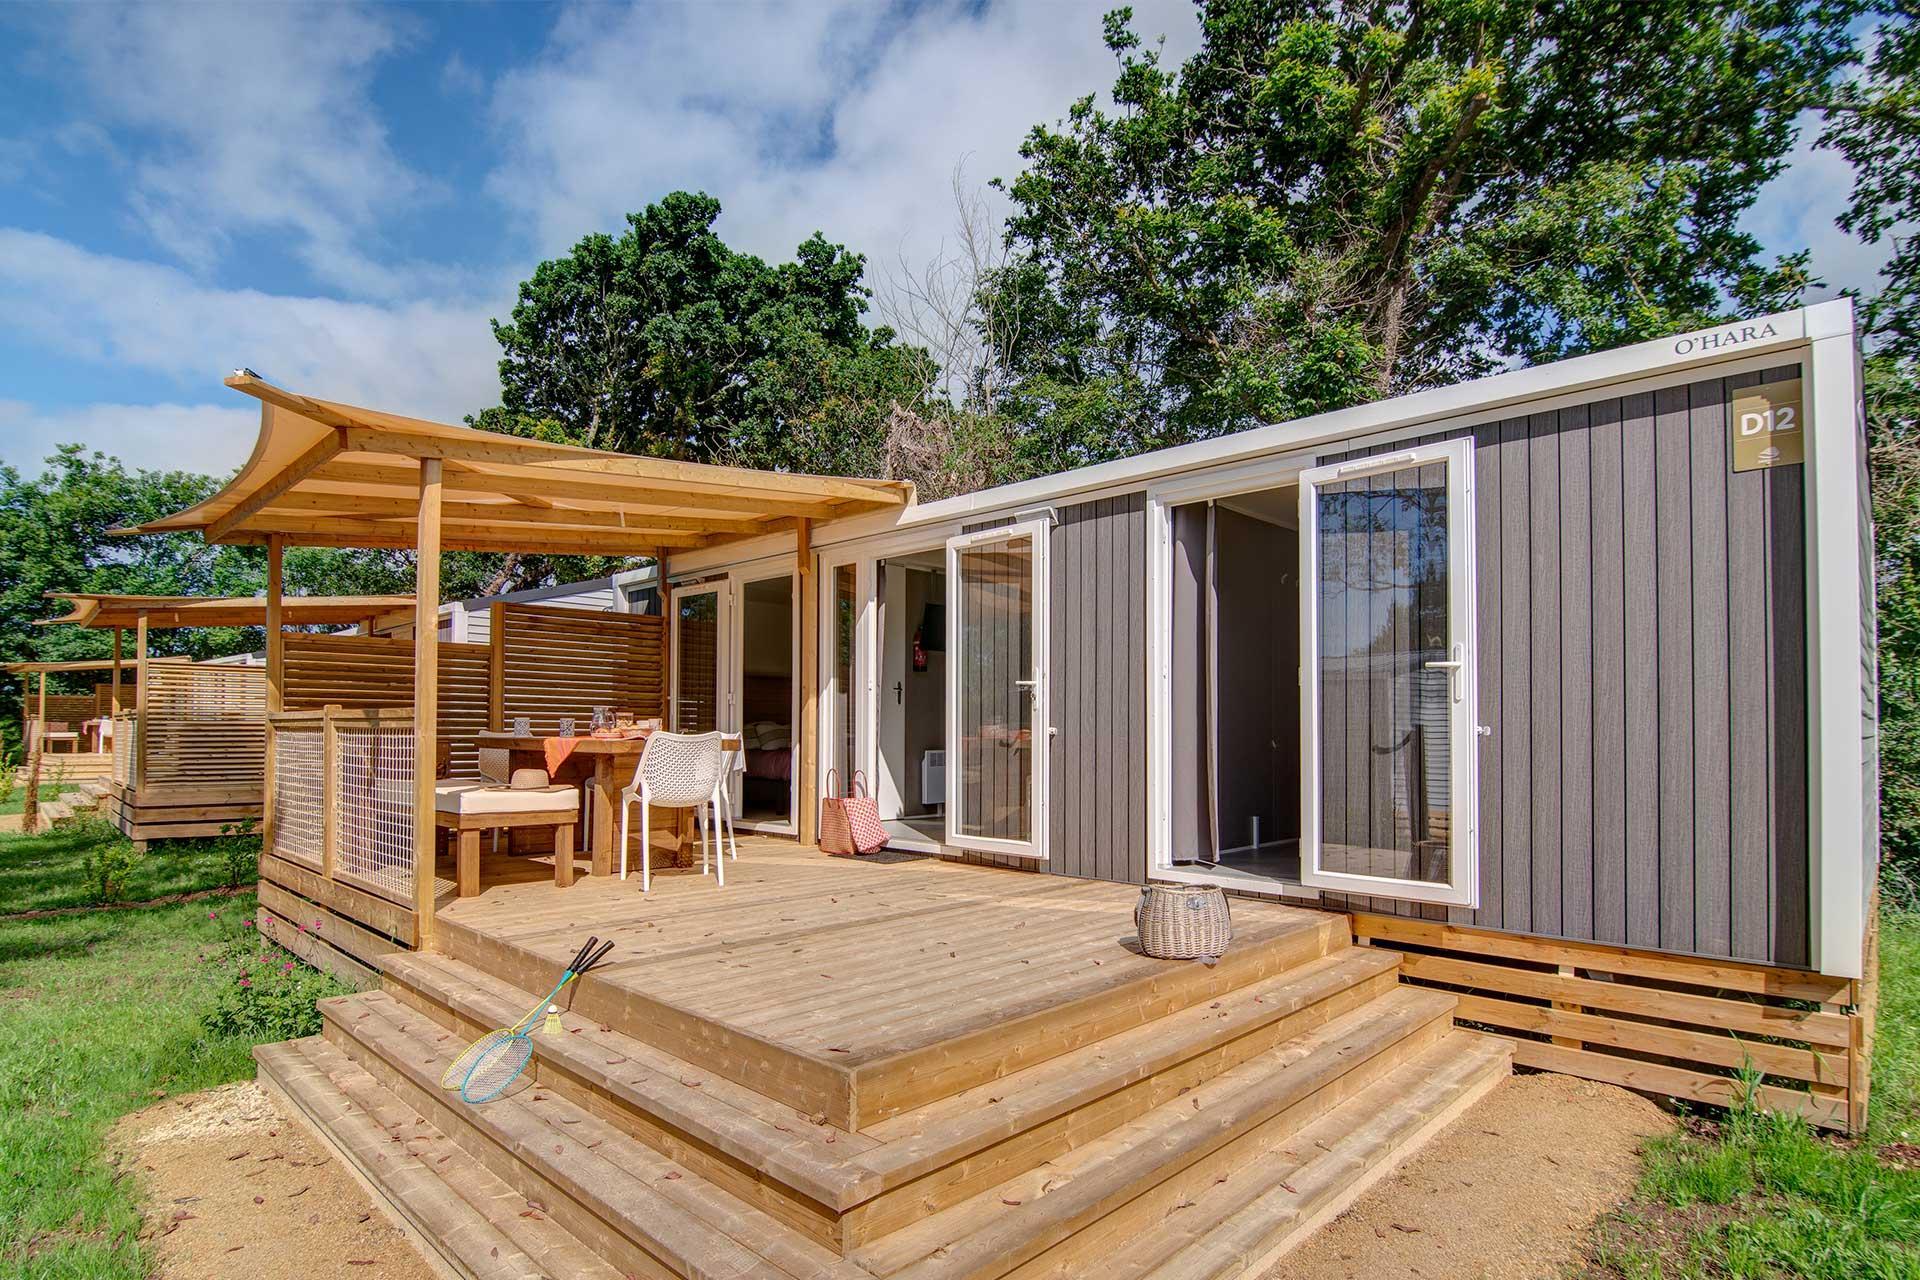 Location - Cottage Naïade 2 Chambres 2 Salles De Bain + Climatisation Premium - Camping Sandaya Les Deux Fontaines